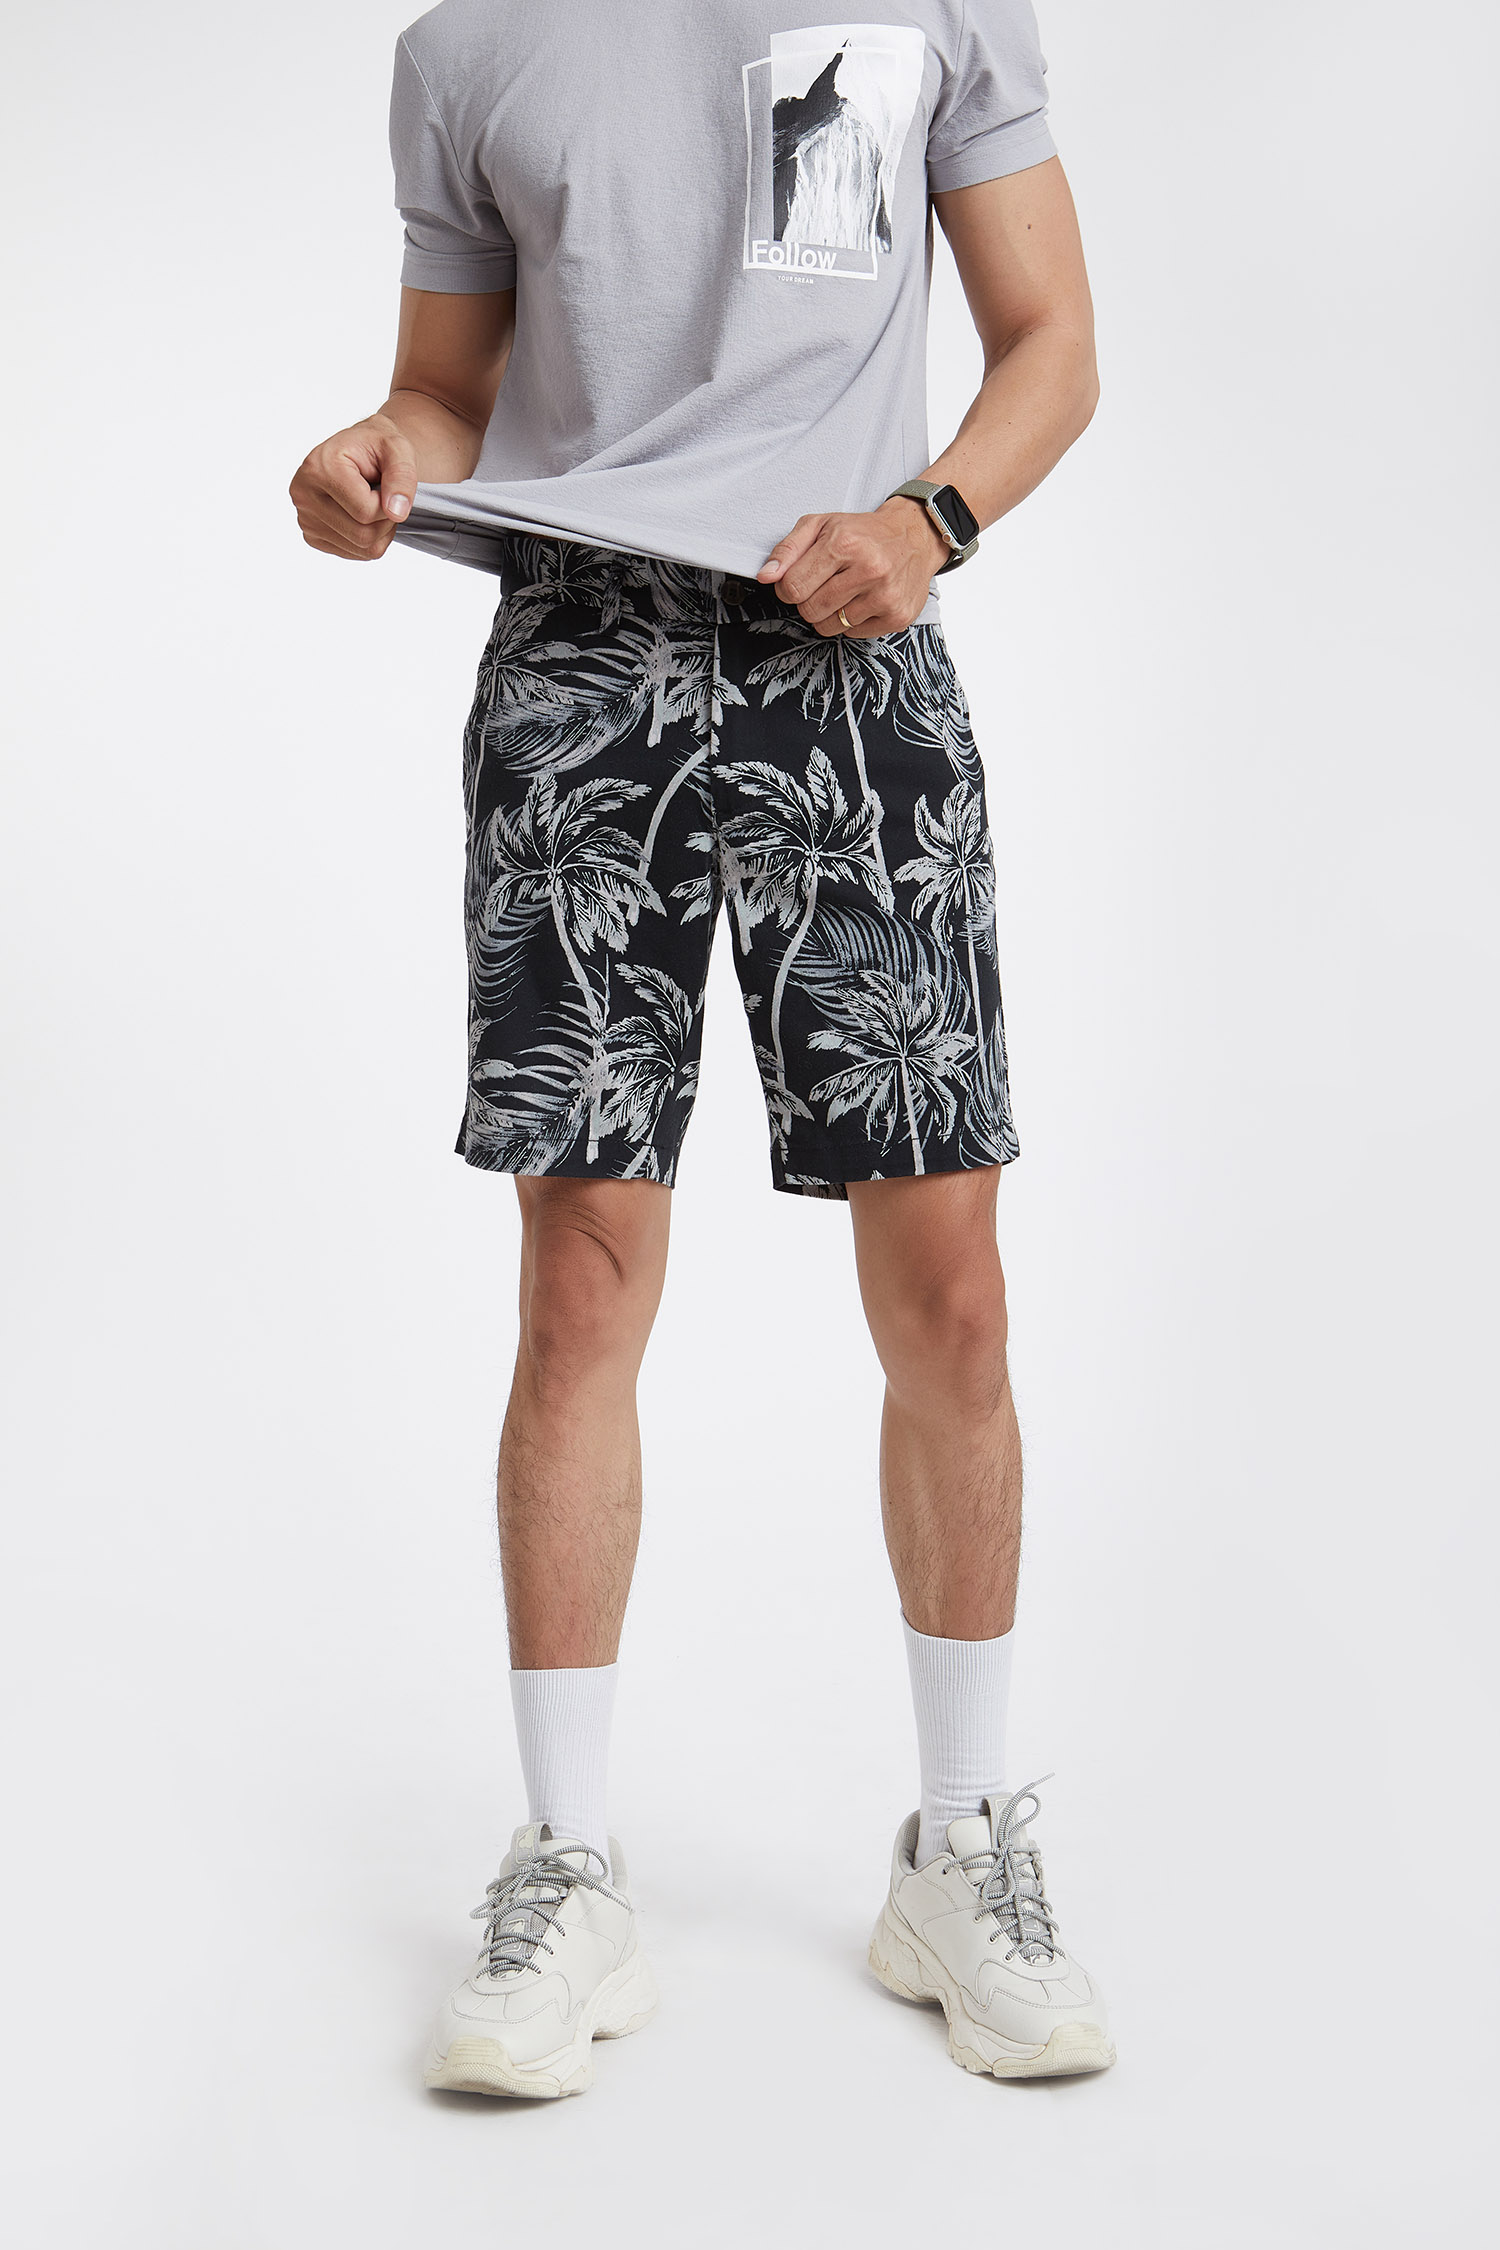 quần short nam - 1905231